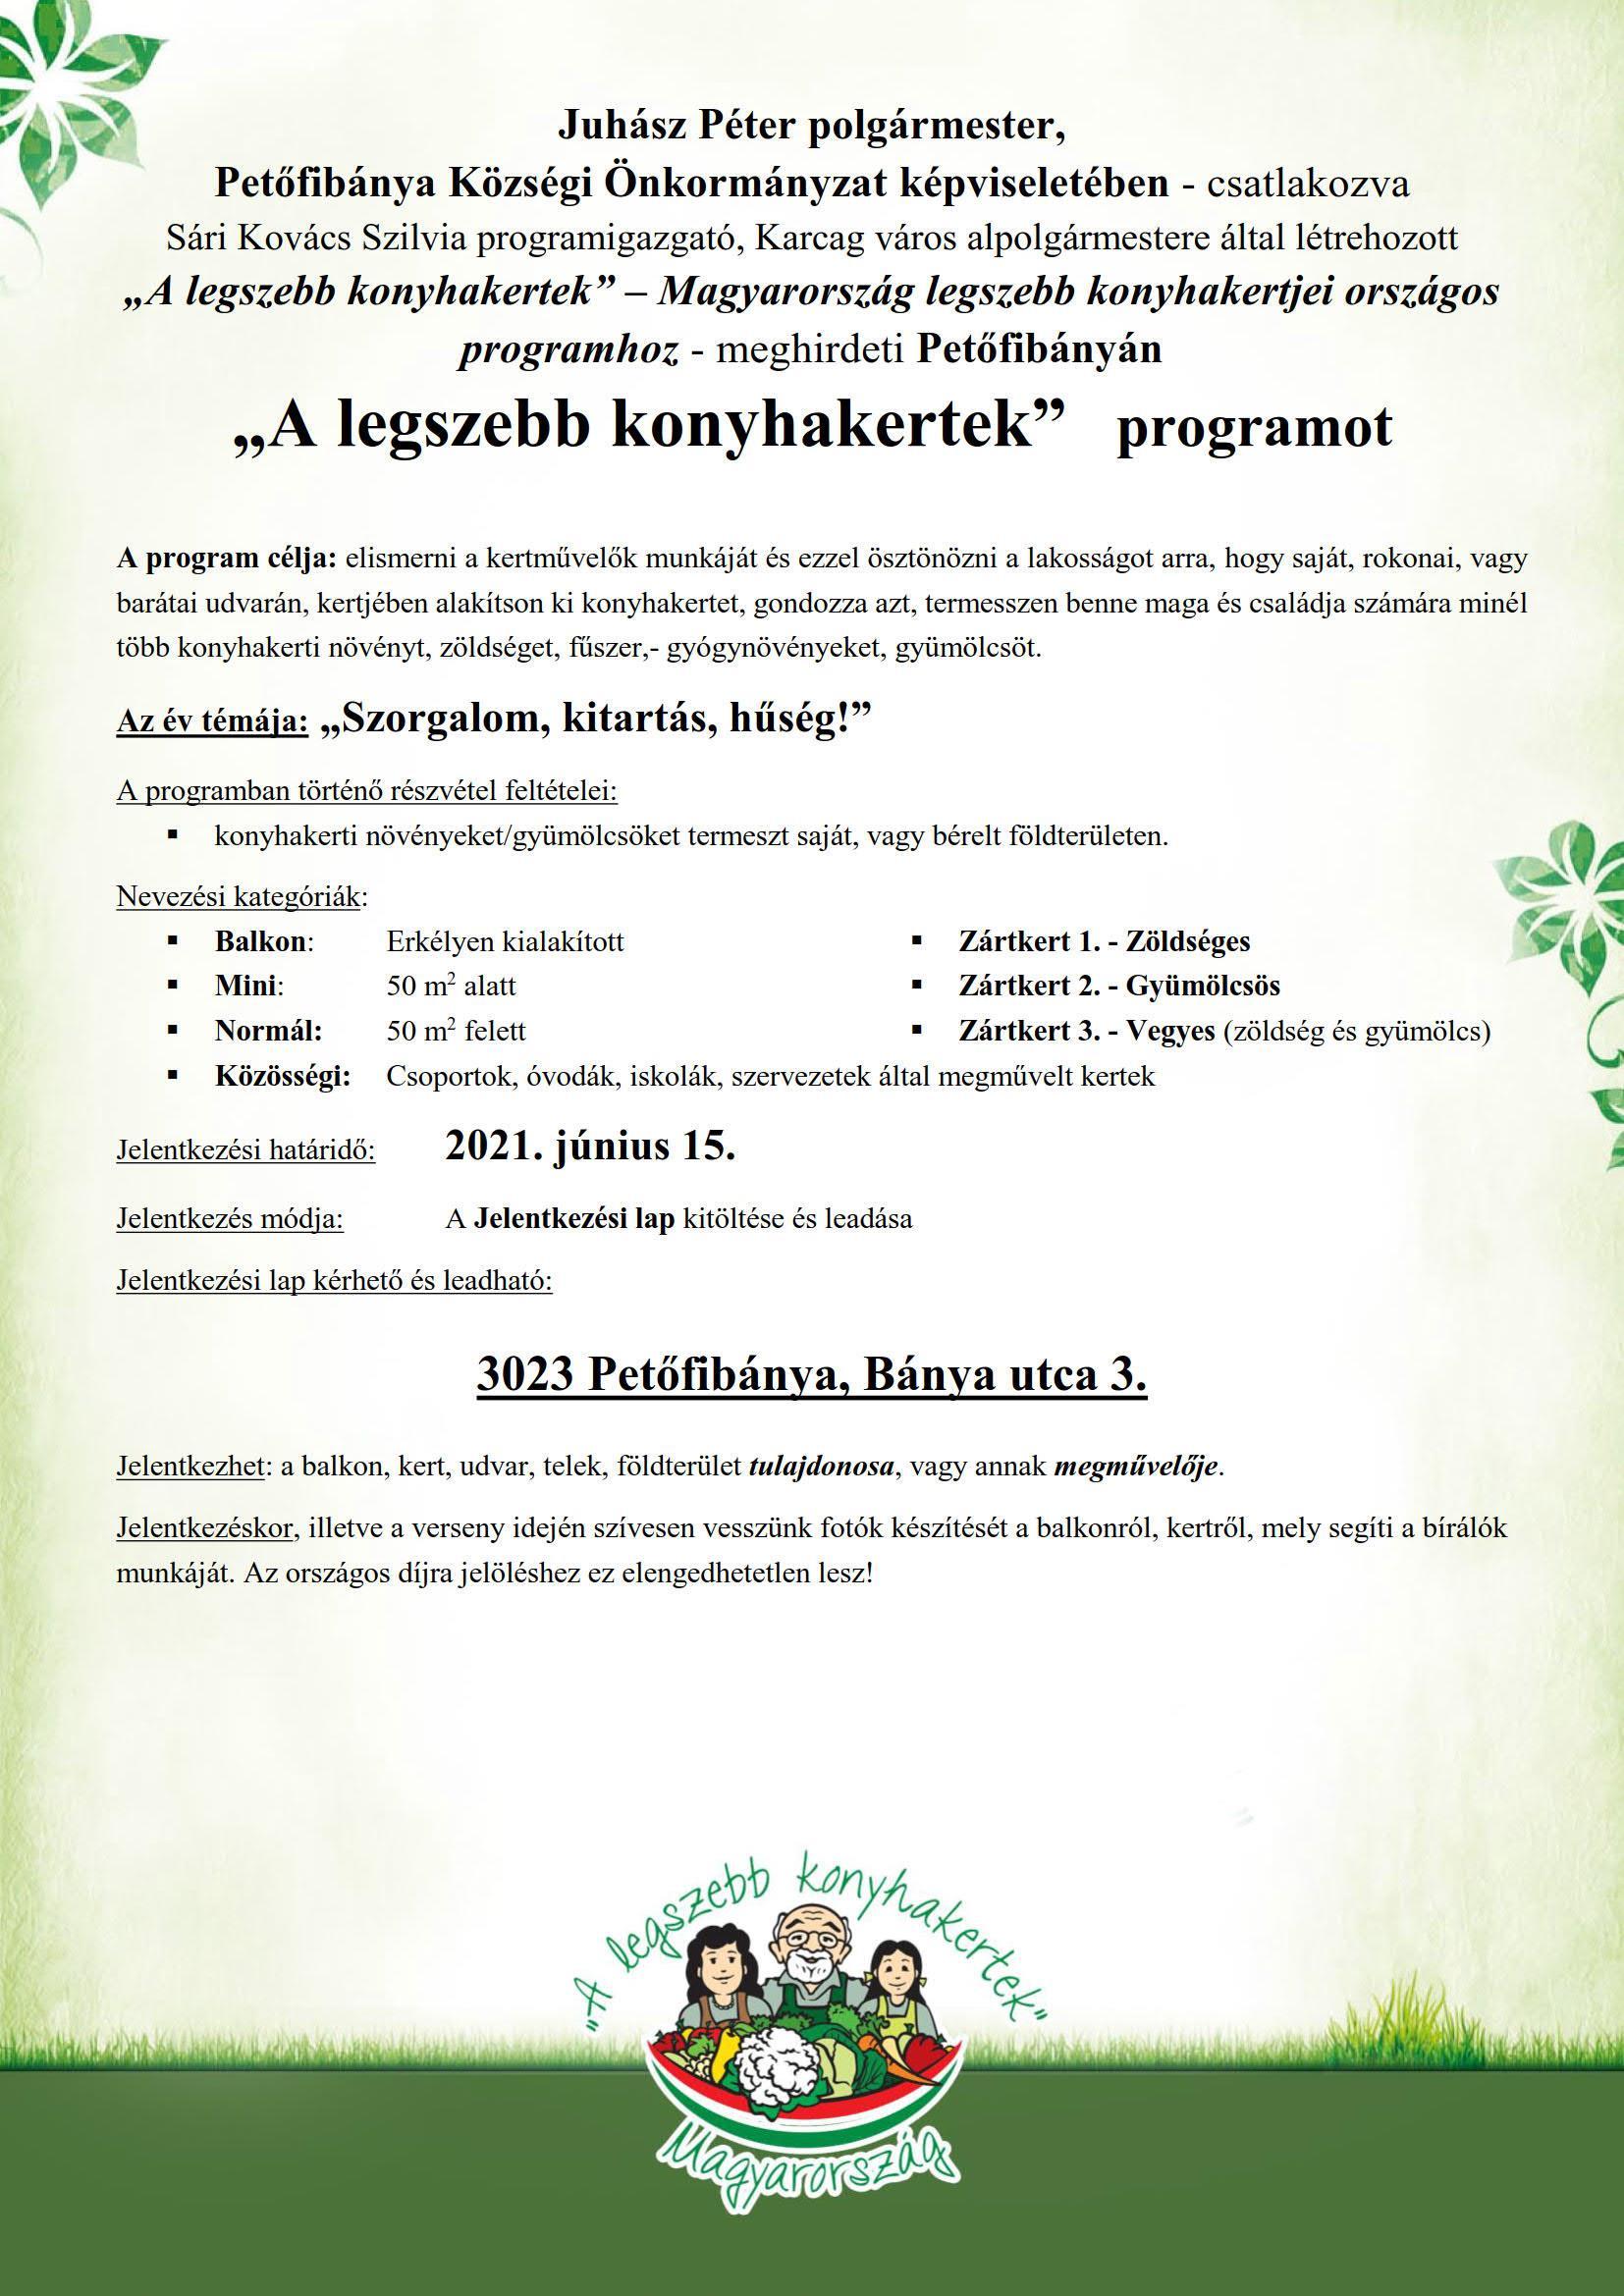 Petofibanya_Megh_plakat_2021_2.jpg